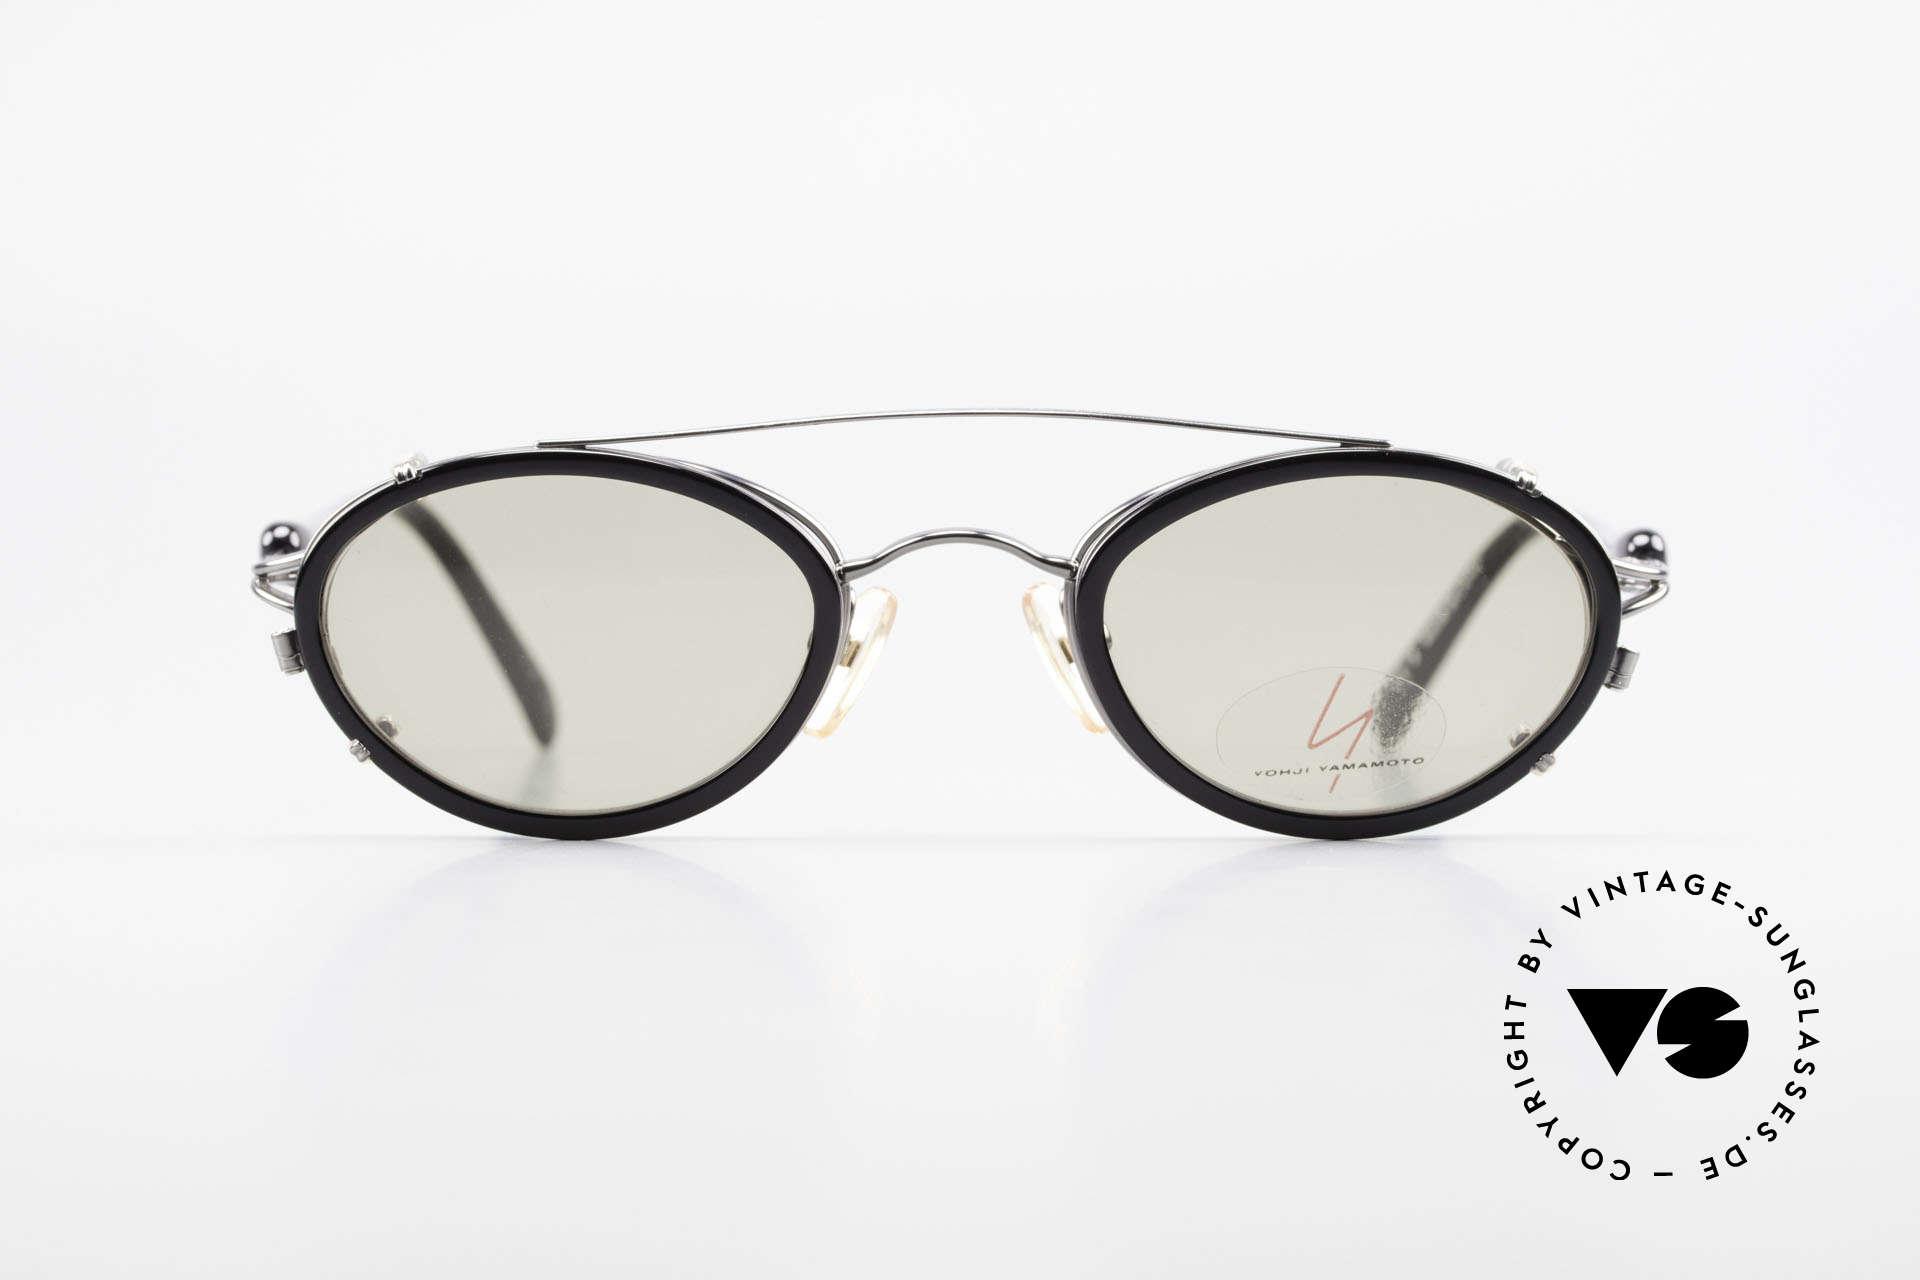 Yohji Yamamoto 51-7210 No Retro Brille Clip-On 90er, Designerbrille mit praktischem Sonnenclip (100% UV), Passend für Herren und Damen